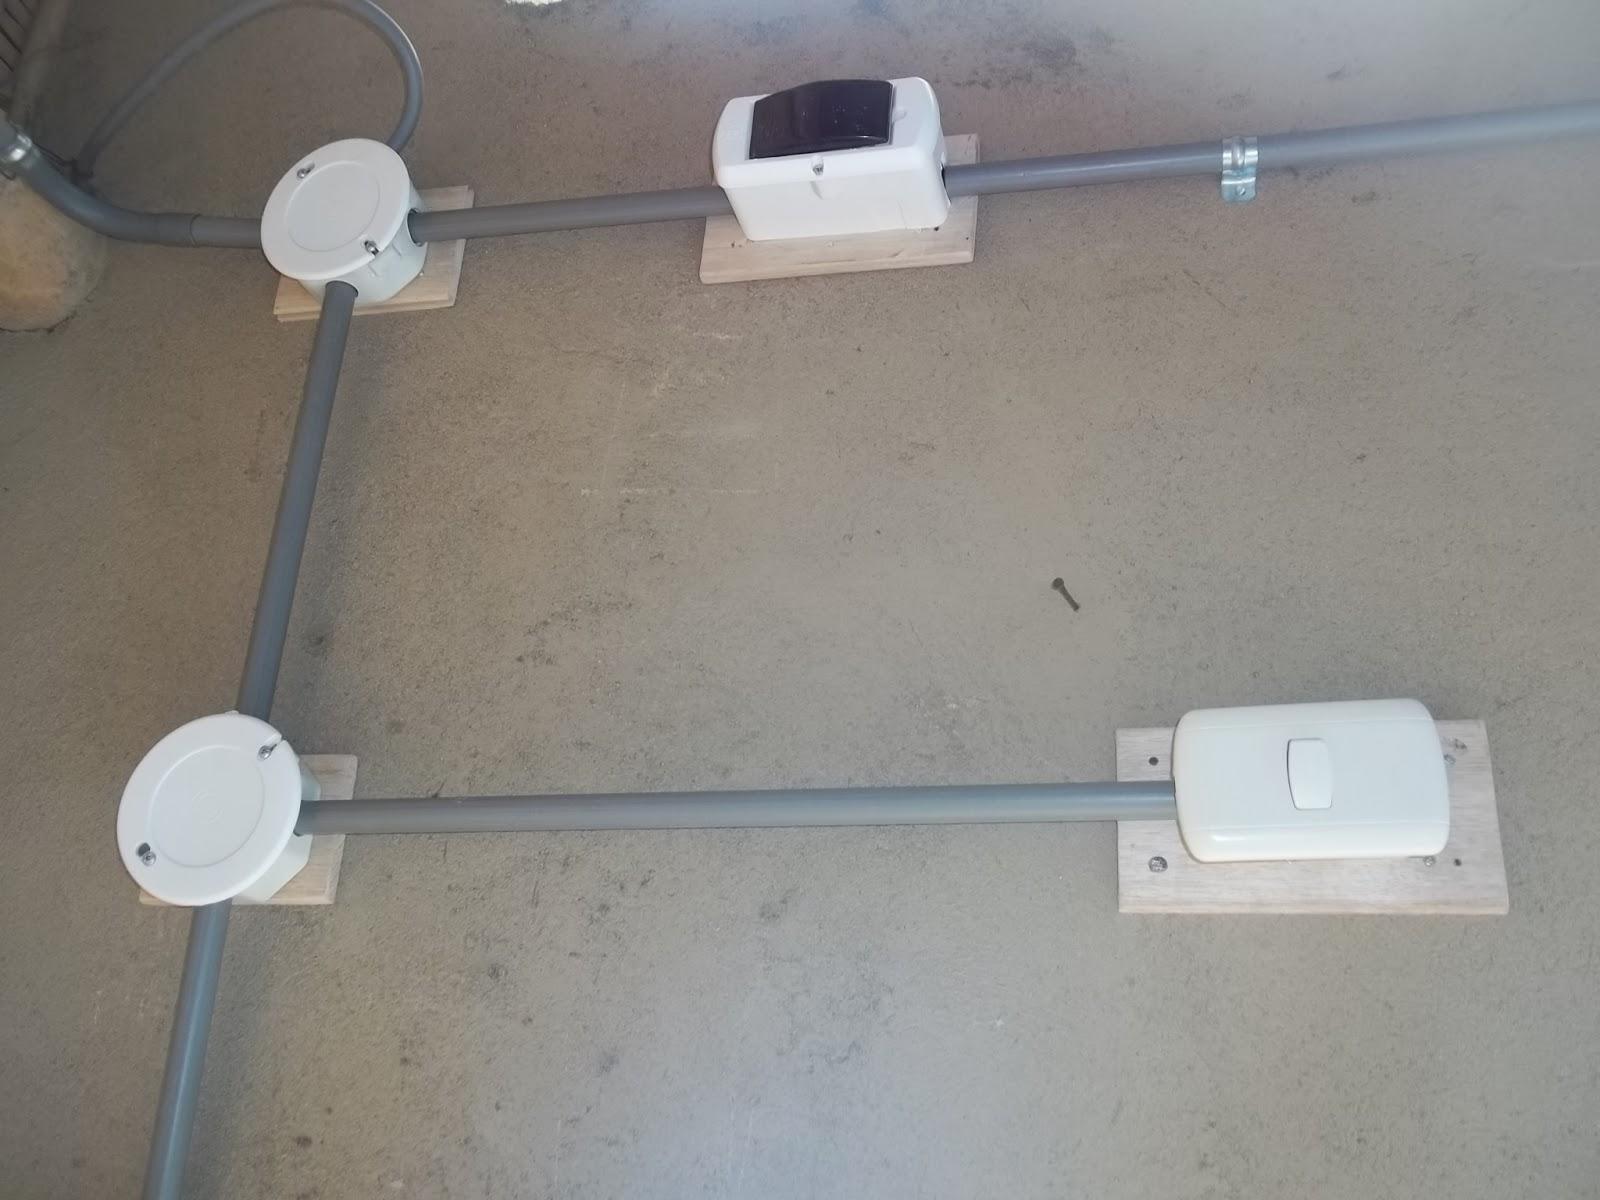 Instalacion electrica domiciliaria comite integral del sistema electrico rural pampa concon - Tuberia para instalacion electrica ...